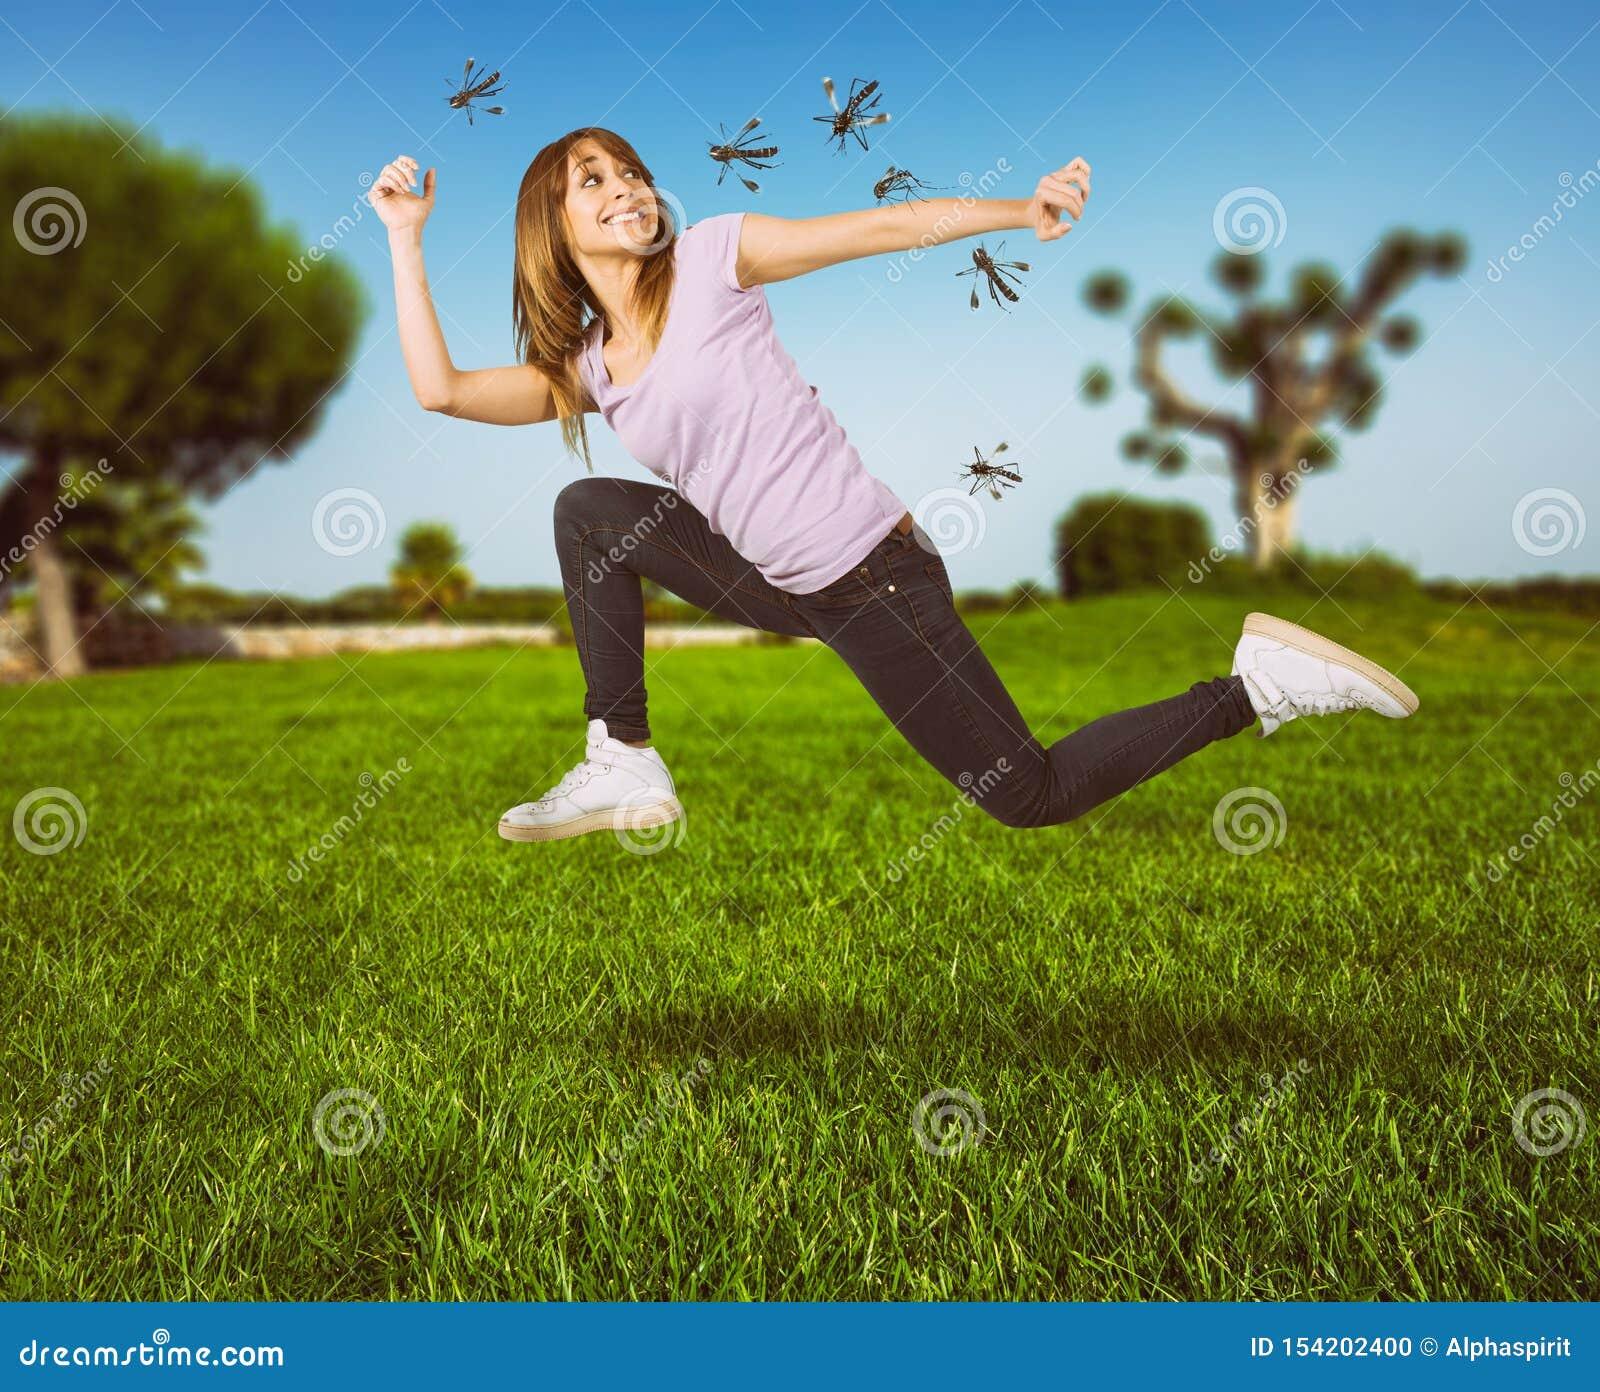 La mujer se defiende del ataque de los mosquitos que corren rápidamente